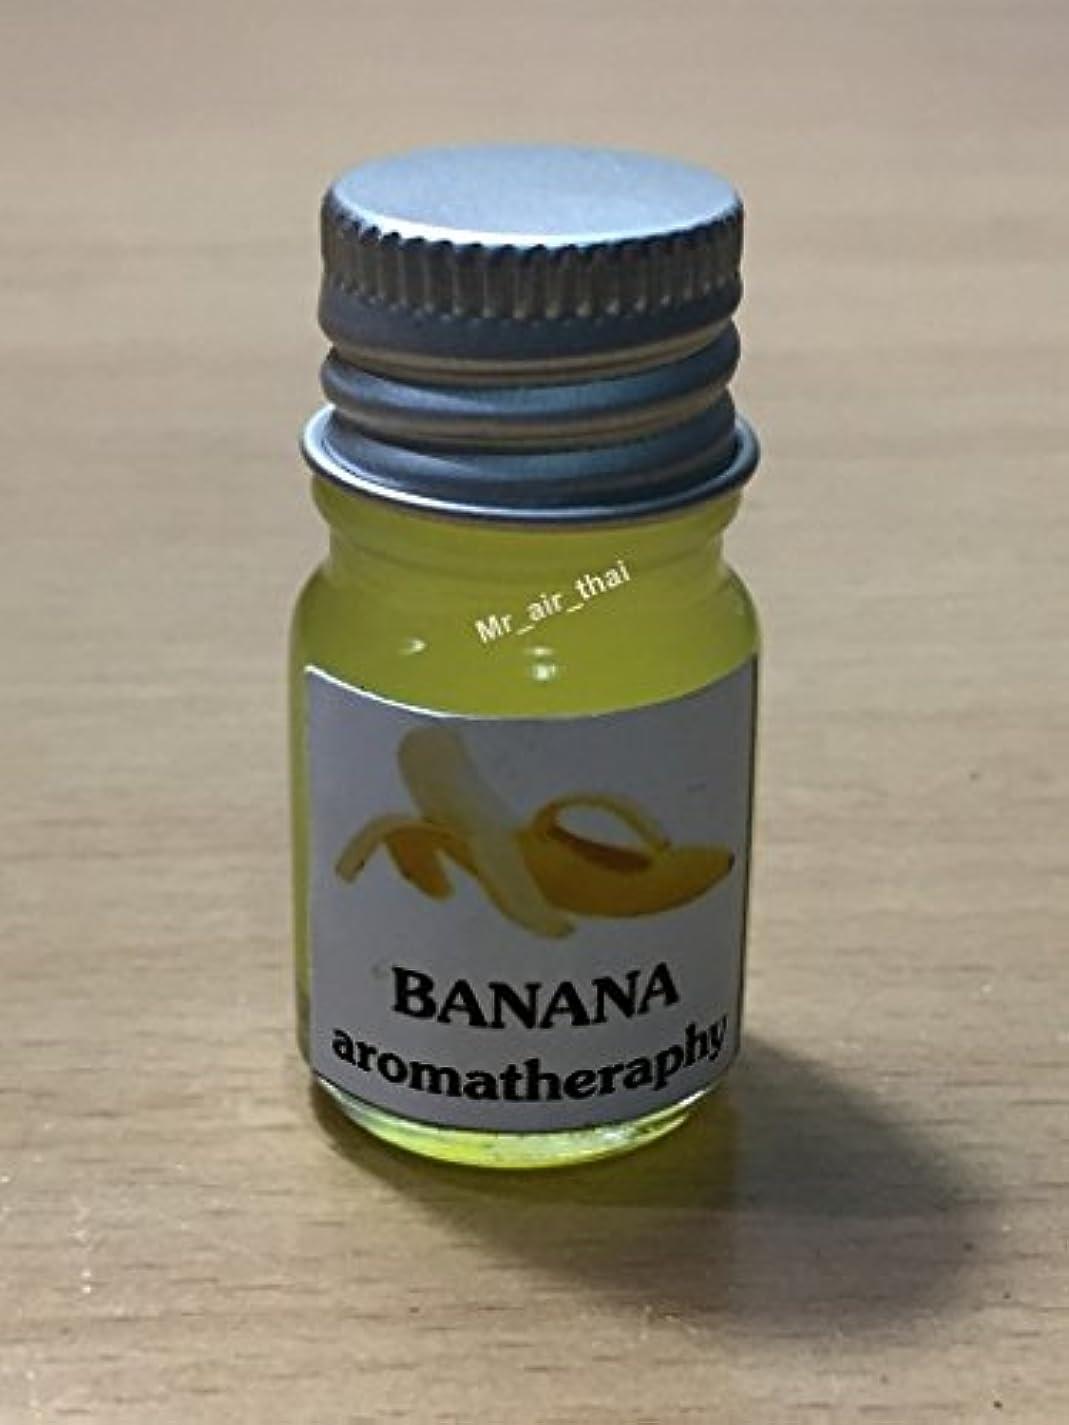 寄り添うインストール宅配便5ミリリットルアロマバナナフランクインセンスエッセンシャルオイルボトルアロマテラピーオイル自然自然5ml Aroma Banana Frankincense Essential Oil Bottles Aromatherapy Oils natural nature